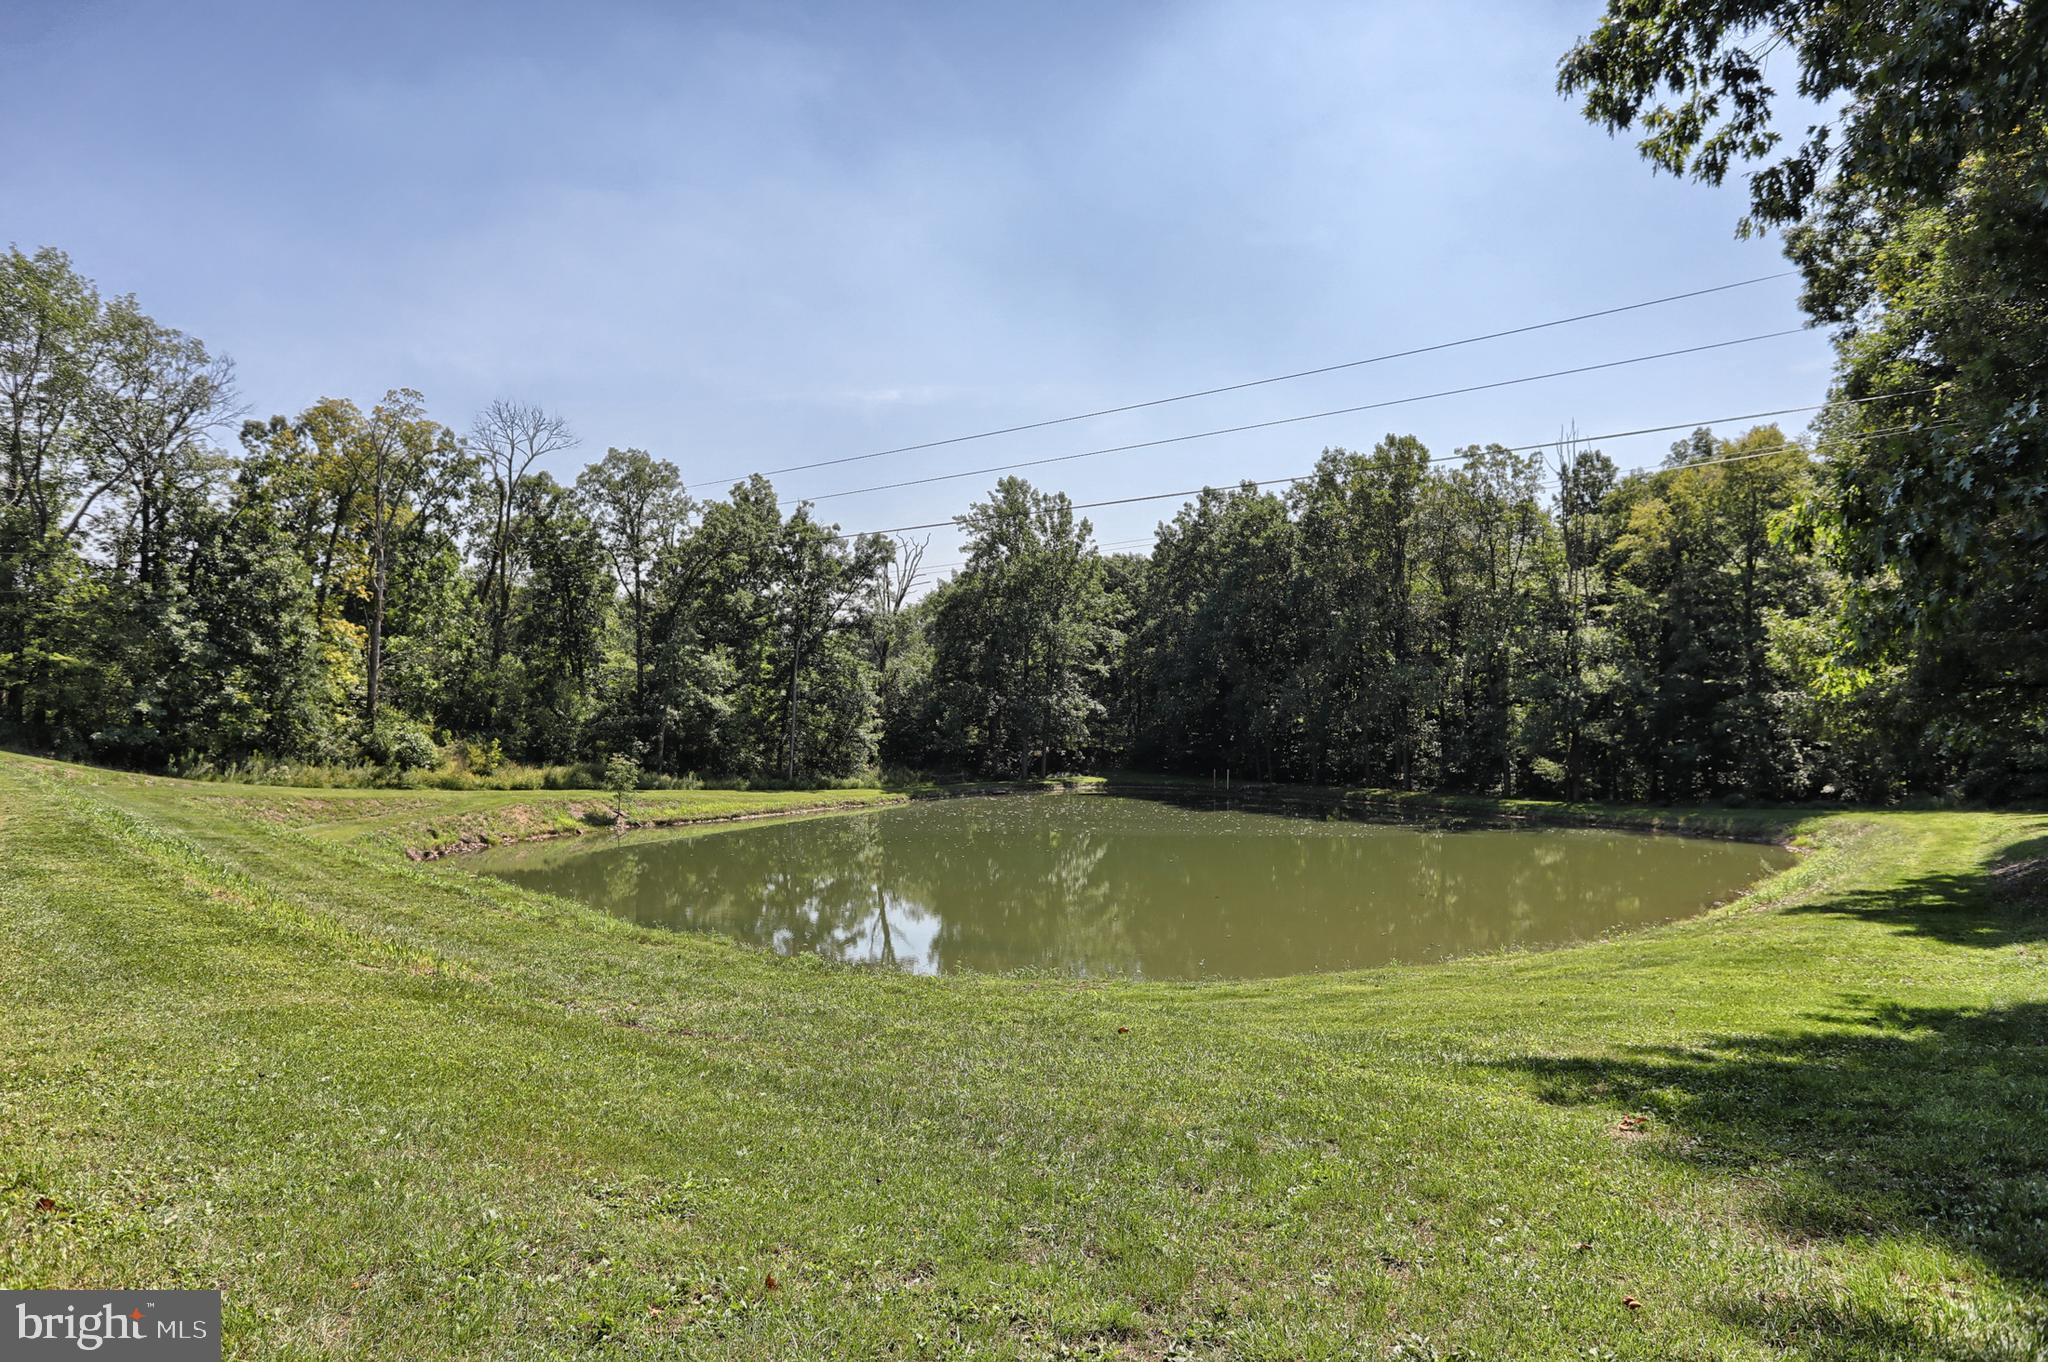 Dam to Pond